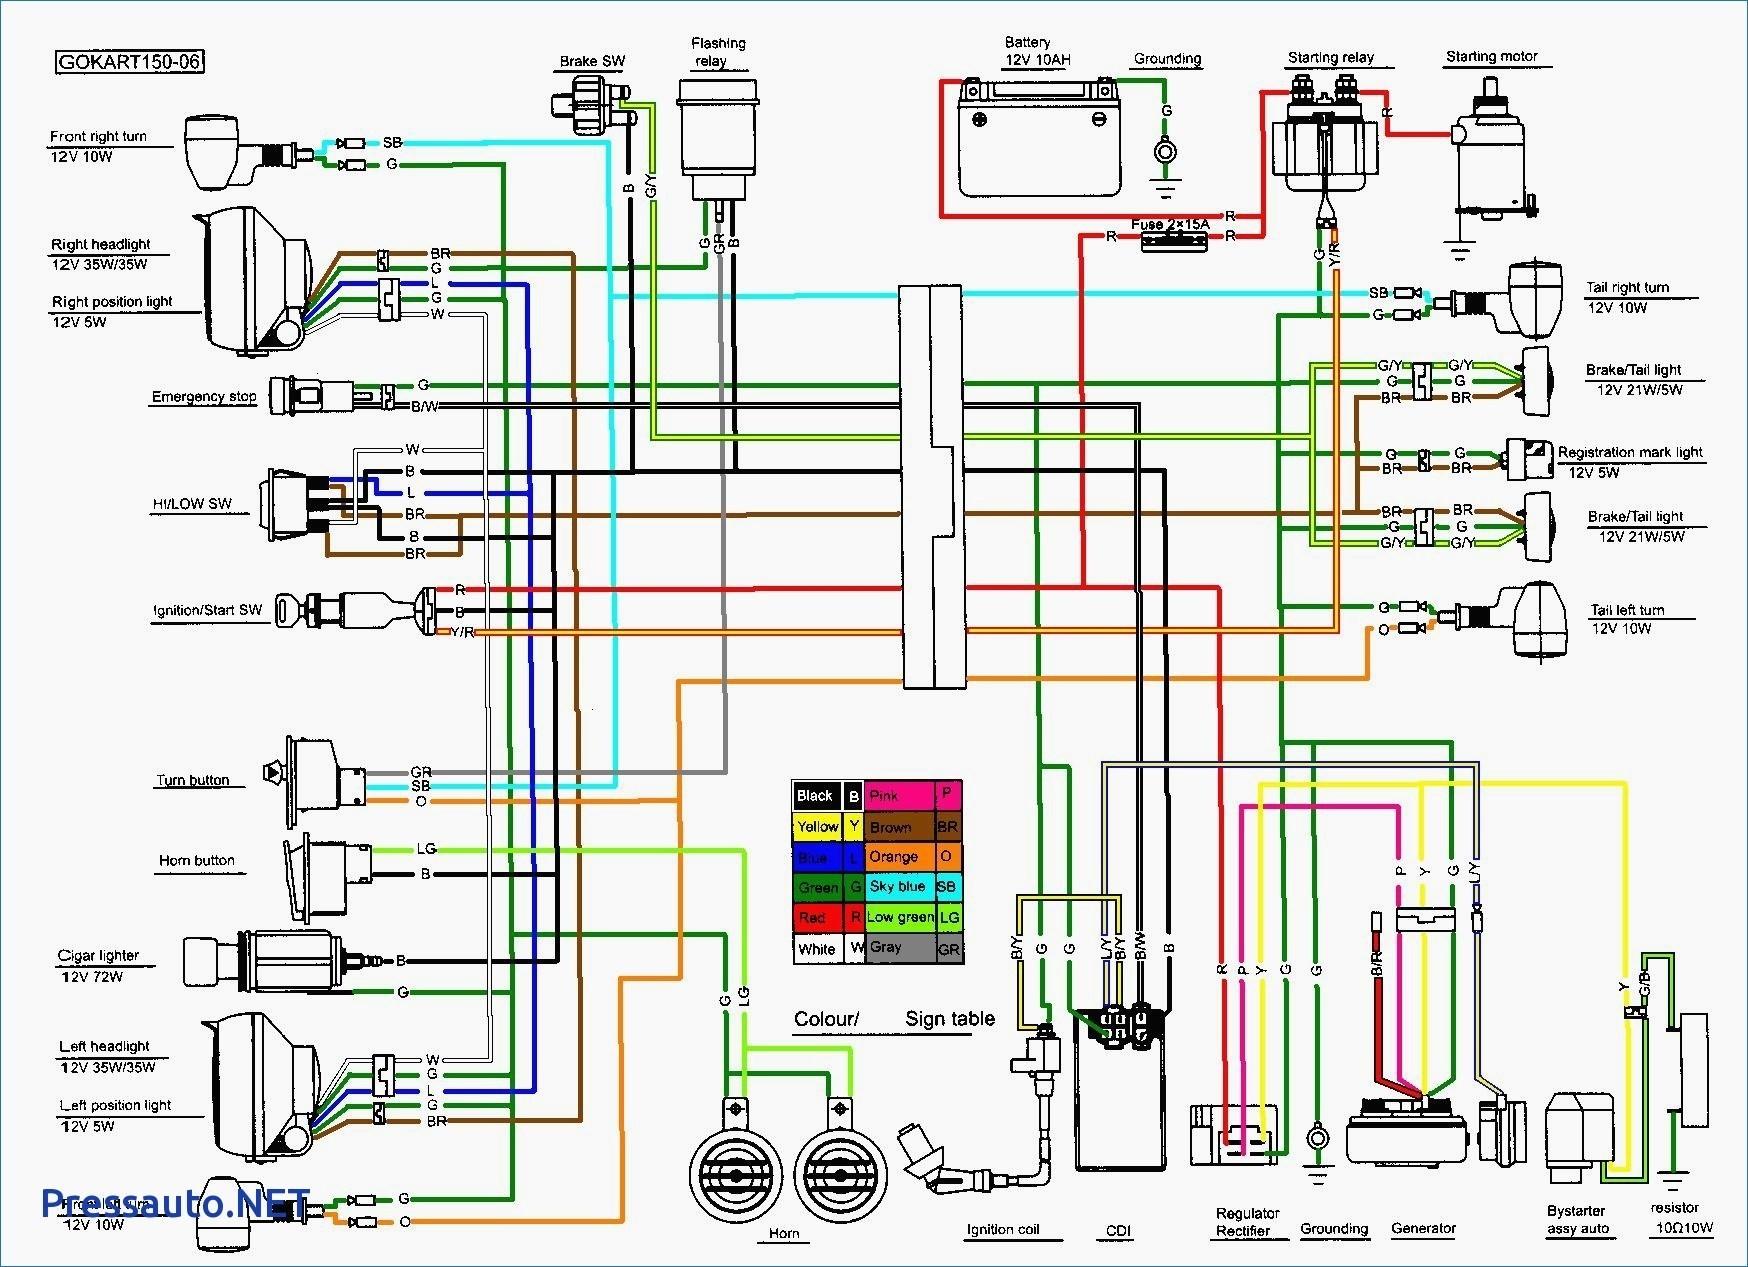 Dune Buggy Engine Schematics Wiring Diagrams Konsult Dune Buggy Engine Parts List Schematics Drawings